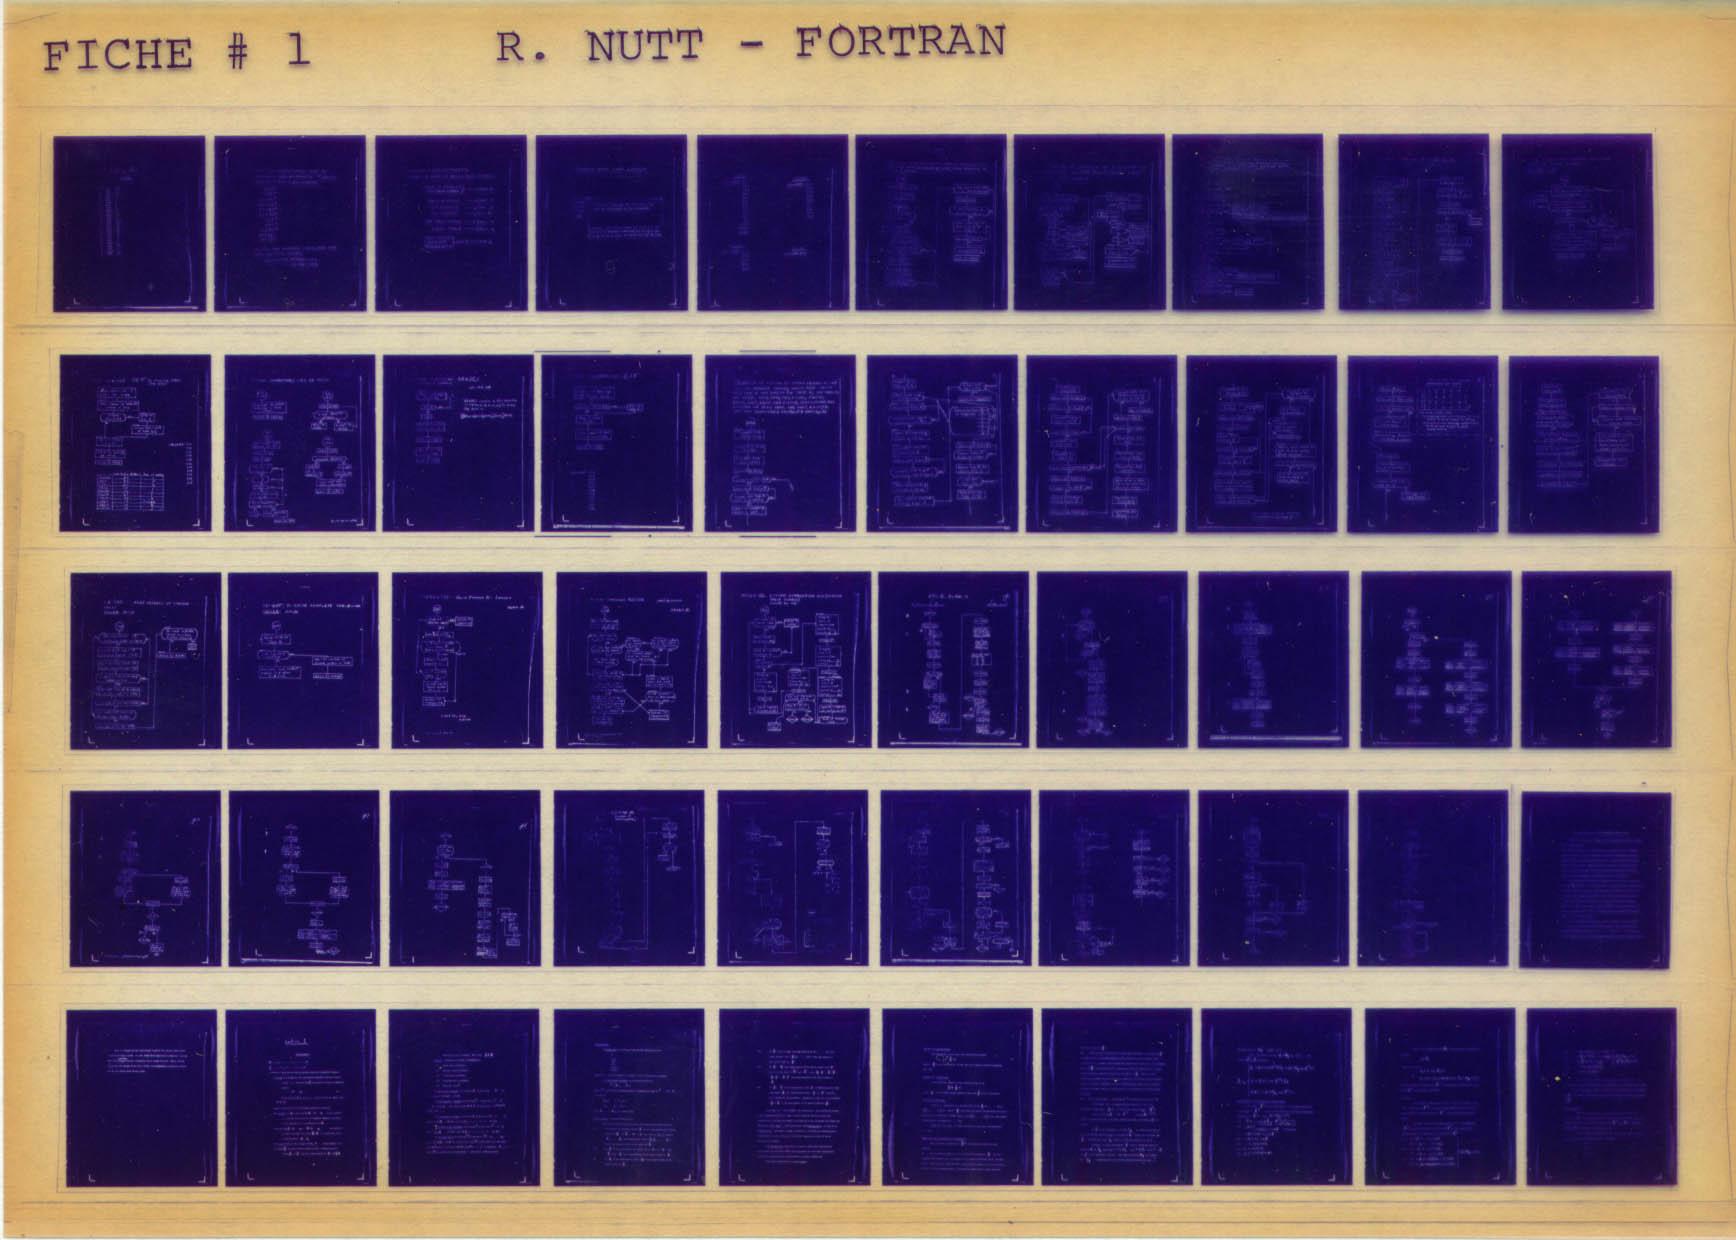 a microfiche